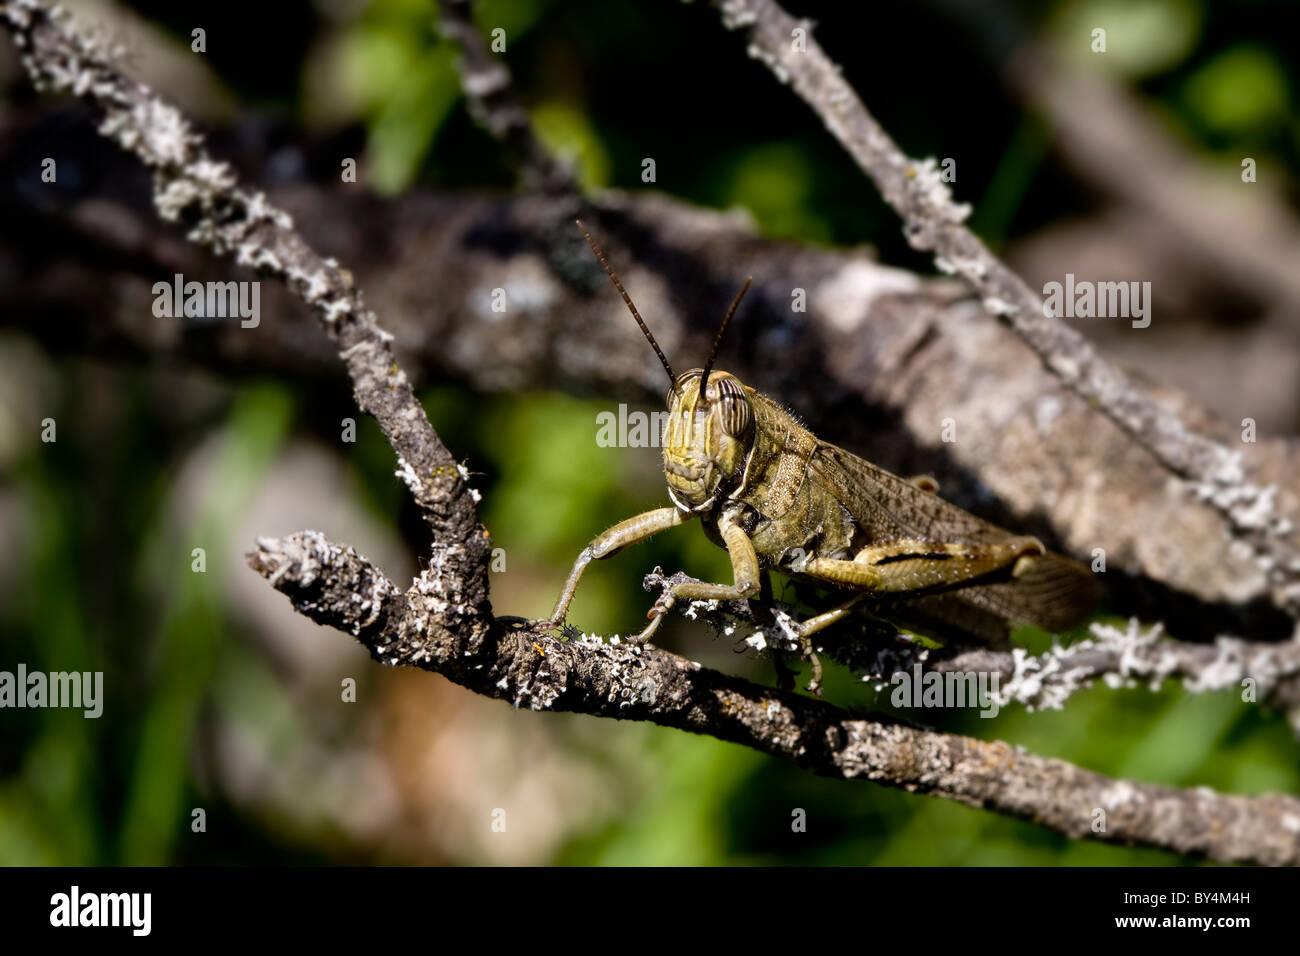 Heuschrecke auf einem Ast, Sardinien, Italien Stockbild